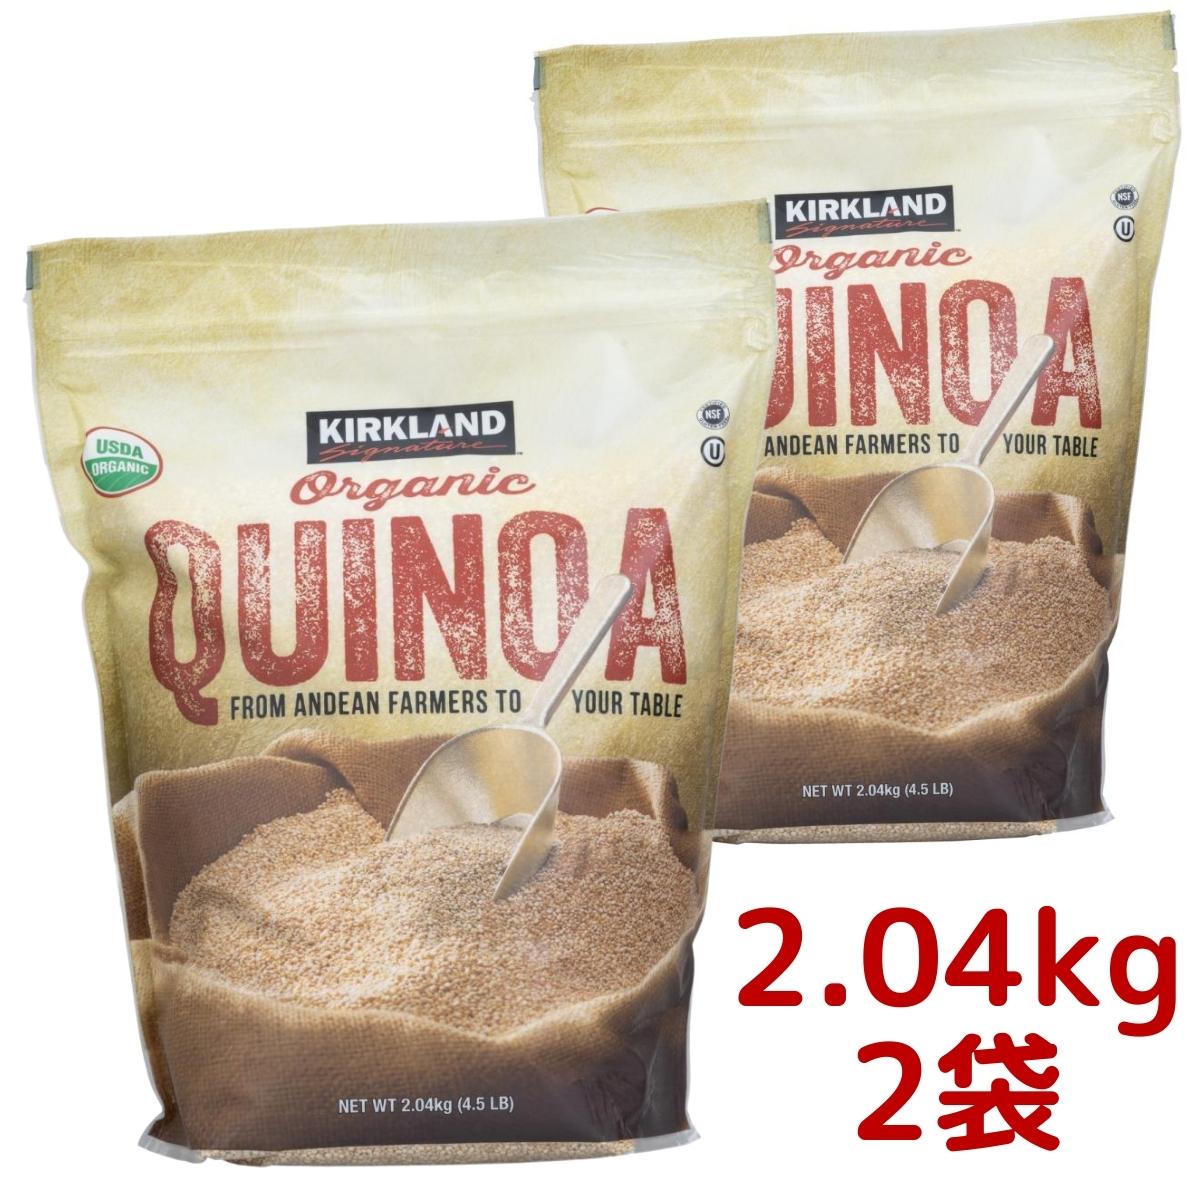 母なる穀物 と呼ばれるキヌアは クセがなく普段の料理に積極的に取り入れたいスーパーフードです 2袋セット カークランドシグネチャー オーガニックキヌア 2.04kg × Kirkland Signature Organic 保障 コストコ スーパーフード キノア COSTCO 有機 Quinoa 2.04 激安☆超特価 kg キヌア 大容量